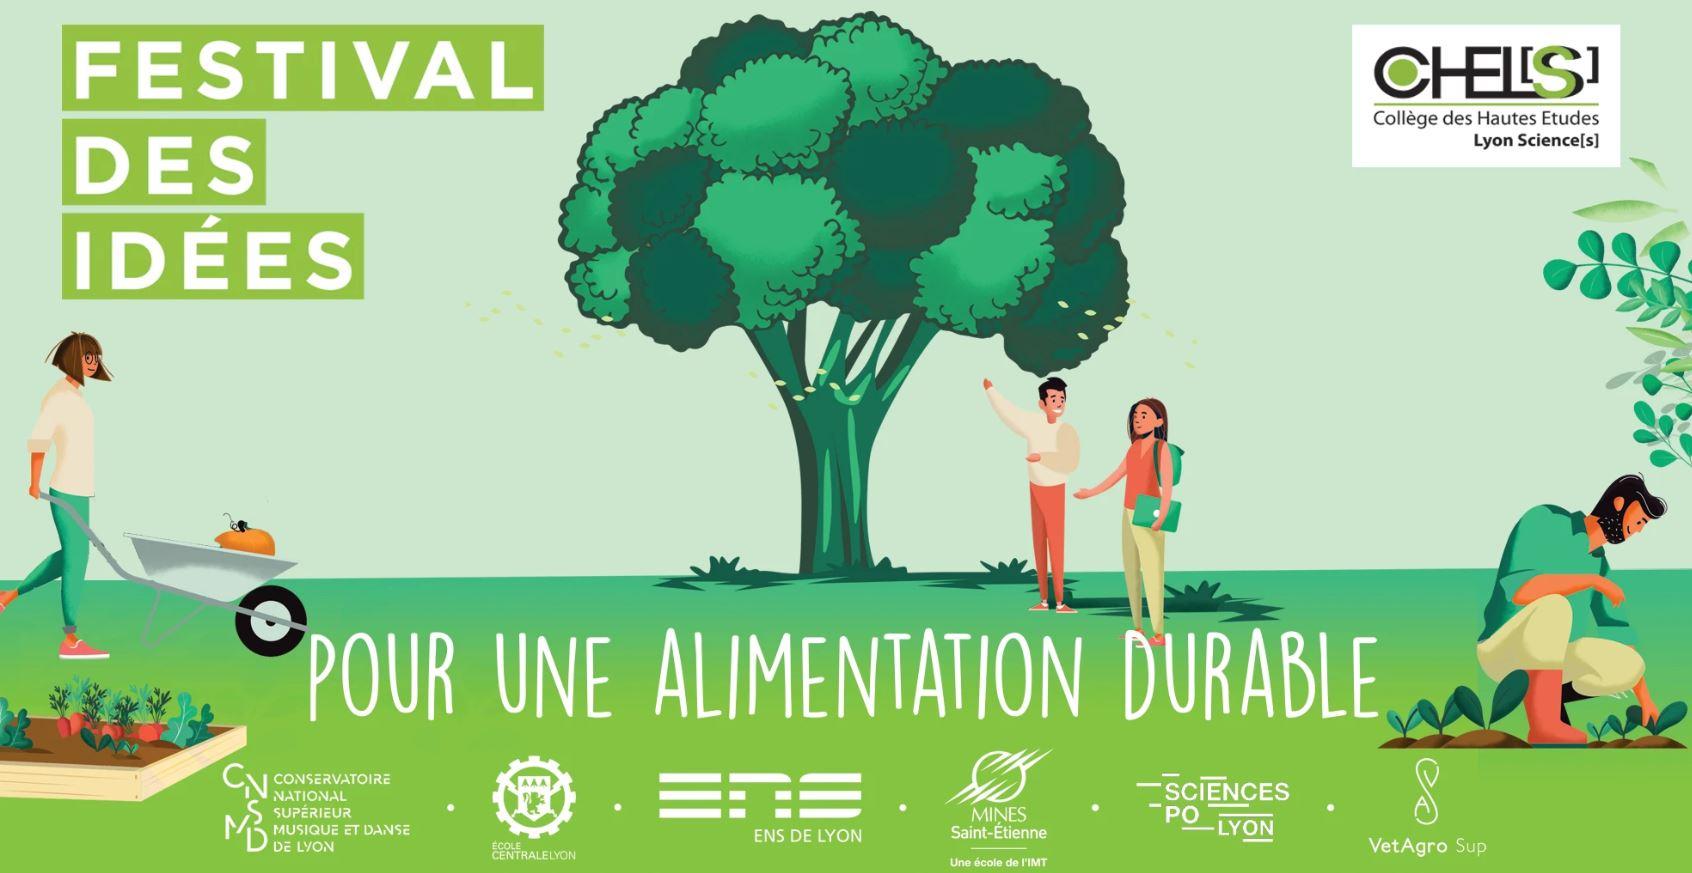 Le Festival des Idées à LYON – Pour une alimentation durable